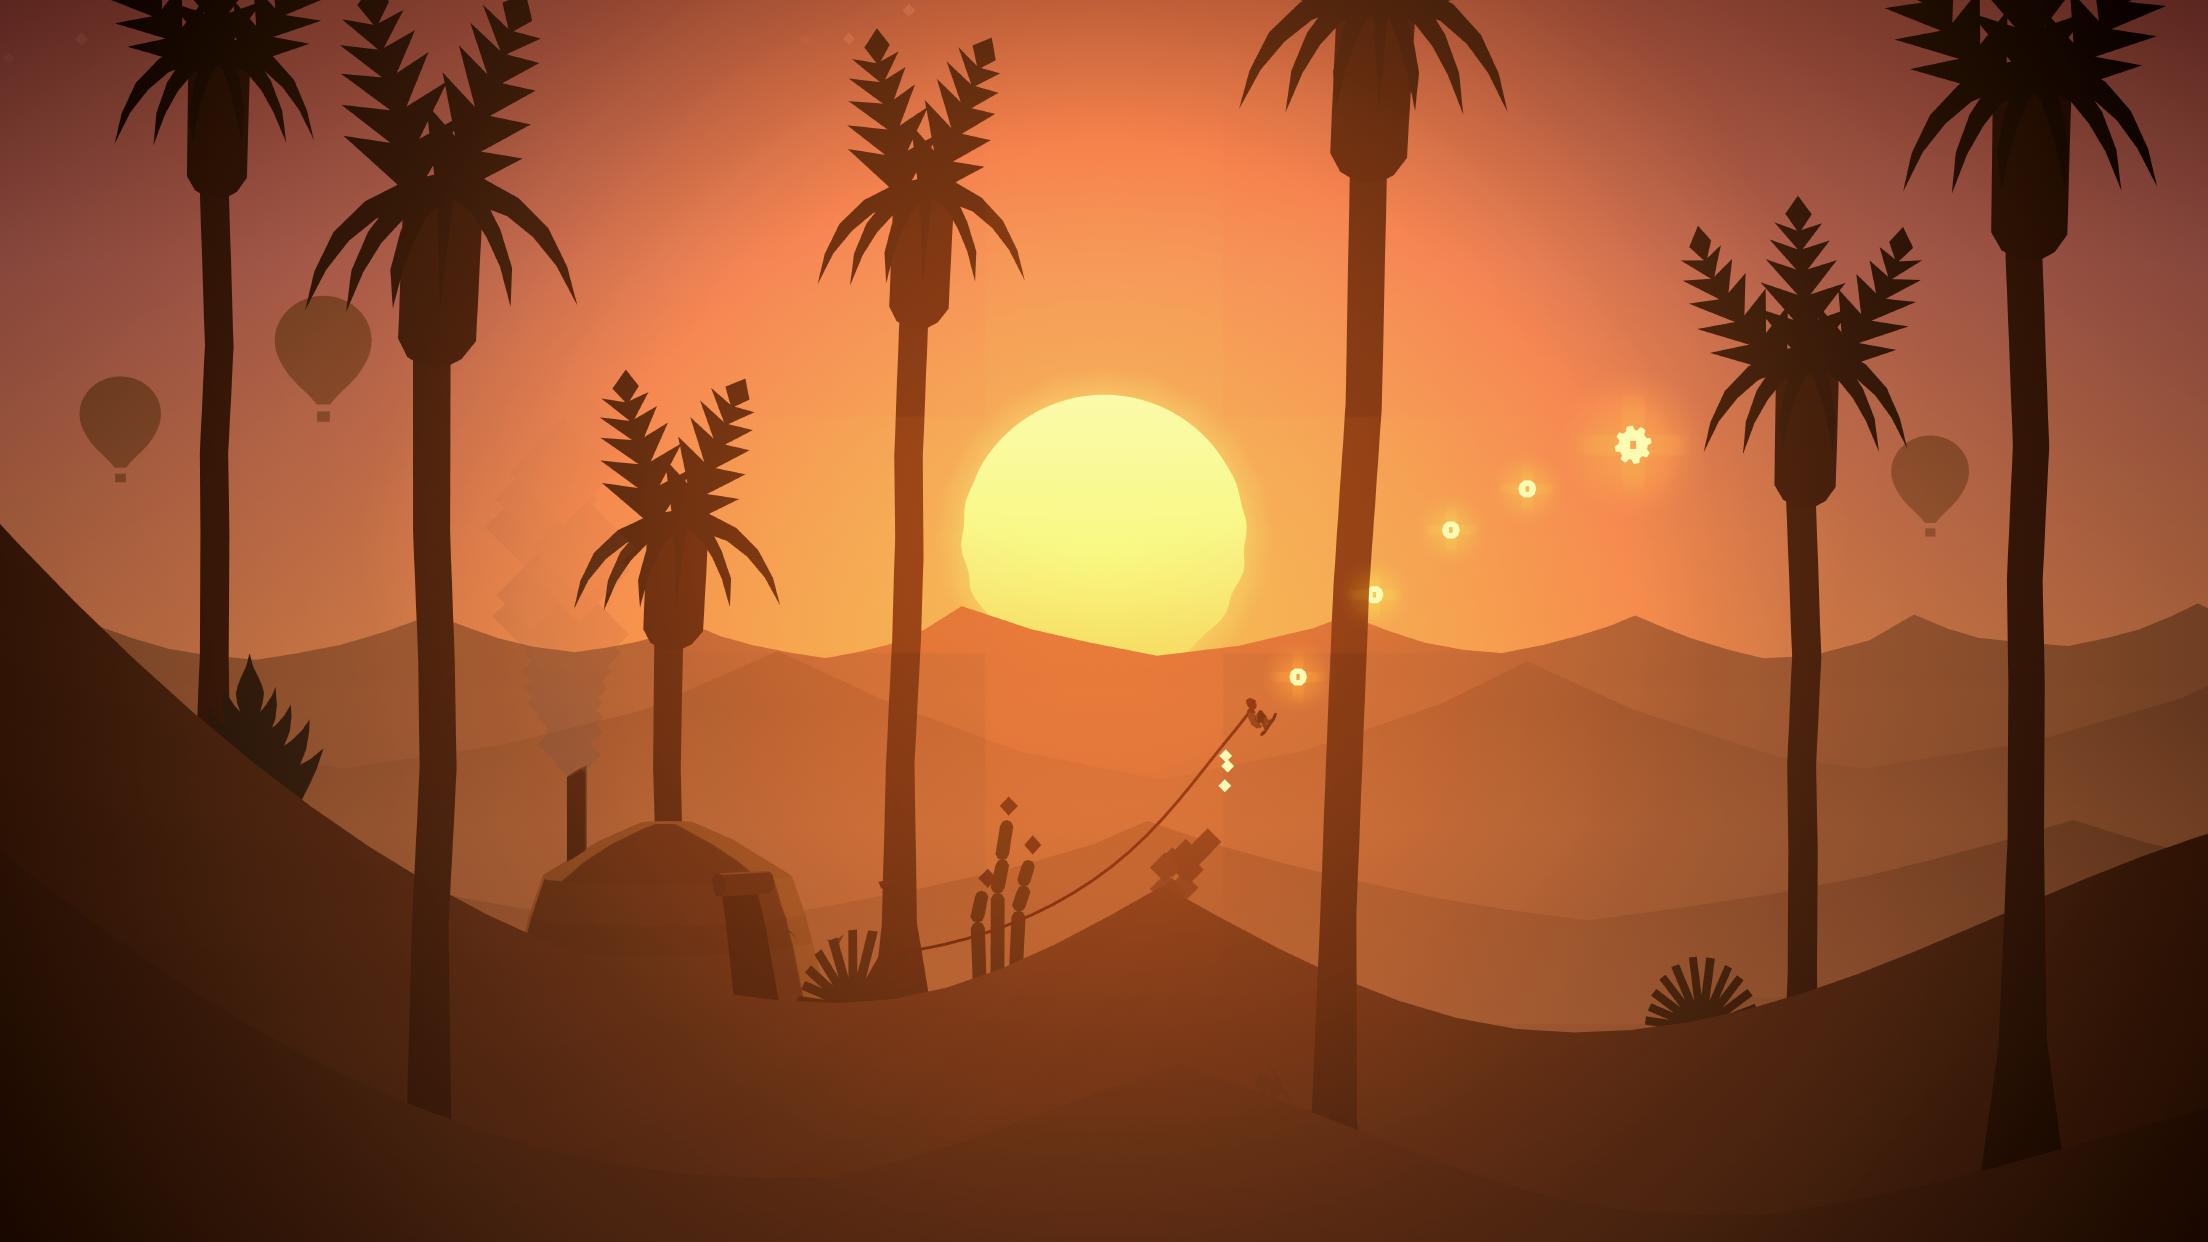 Jocul săptămânii este Alto's Odyssey. Recomandările lui Marian Andrei